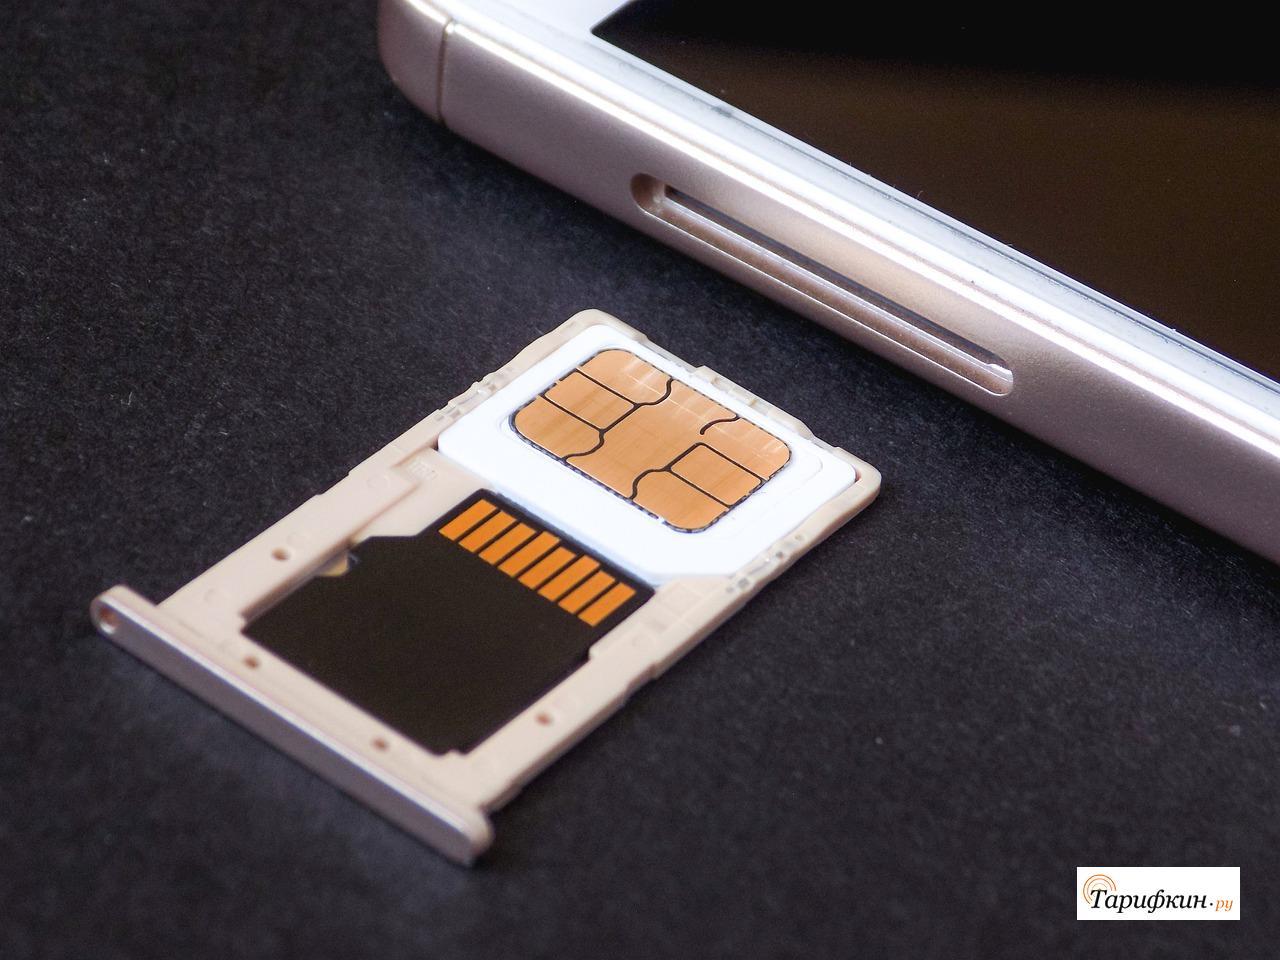 Сколько стоит и как купить сим-карту DrimSim